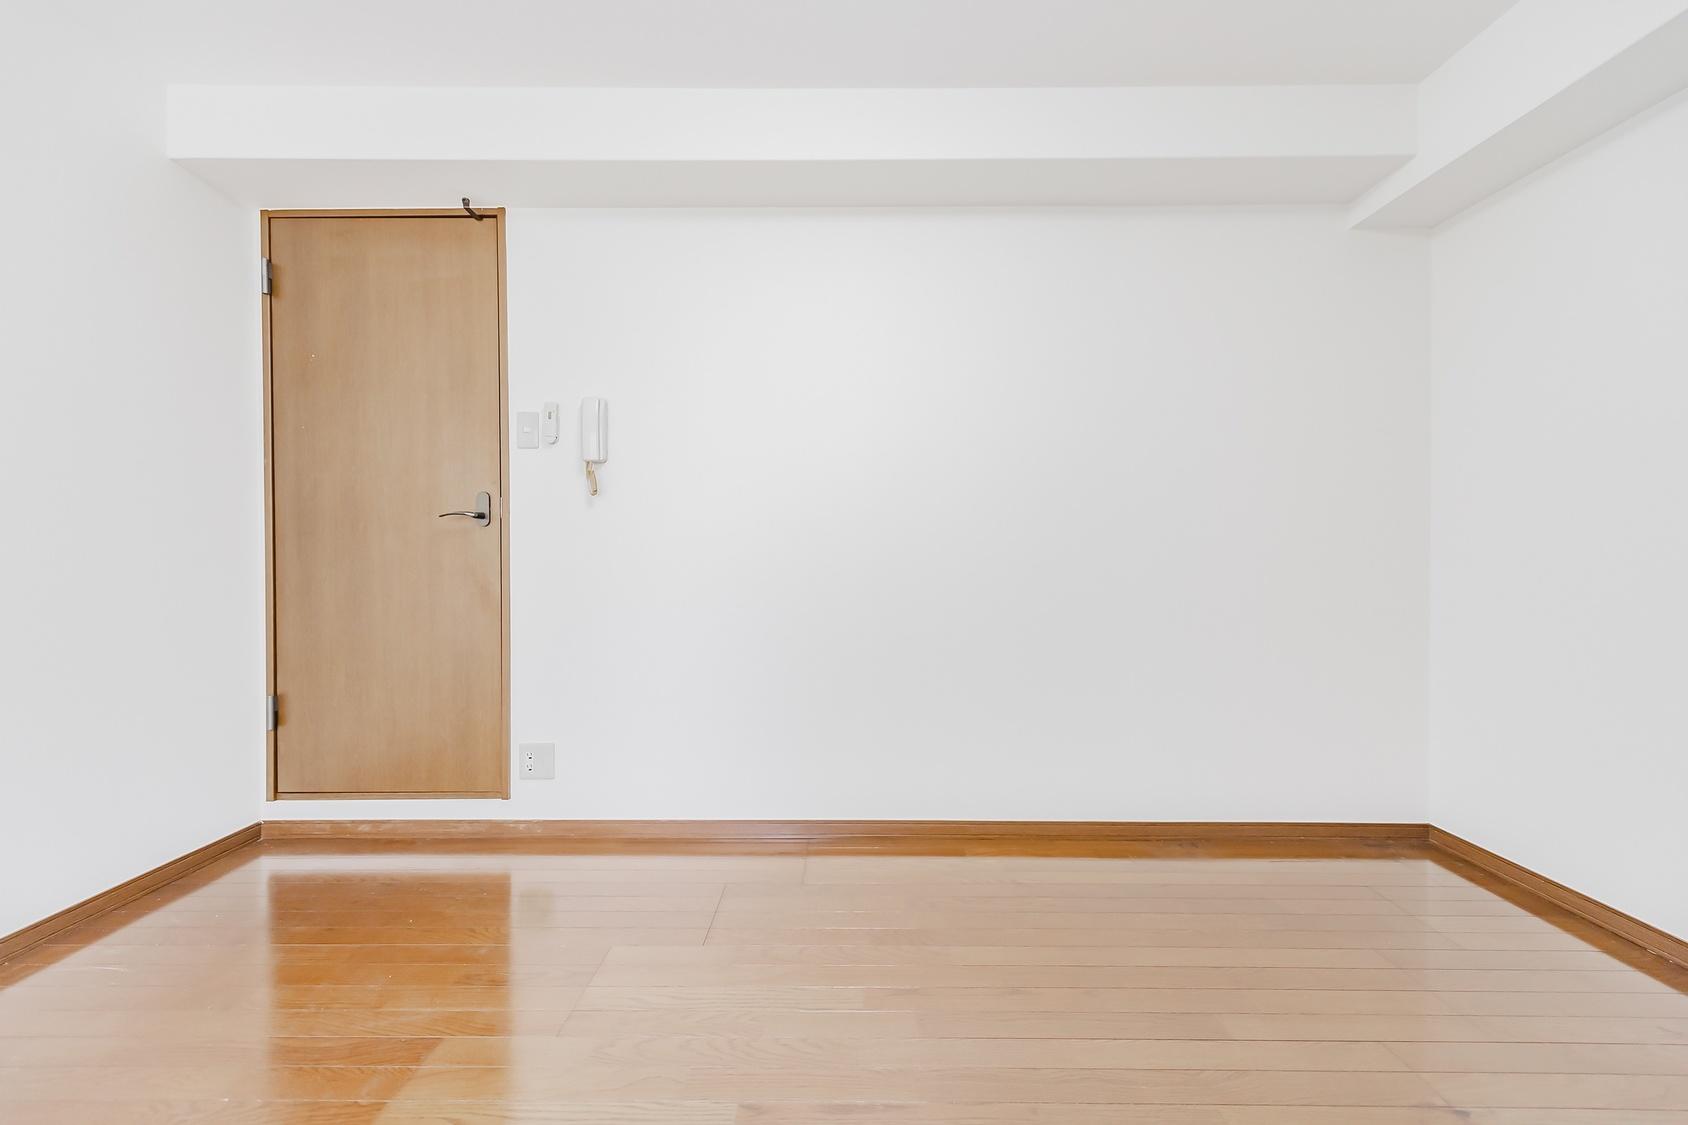 新築ワンルームマンションを購入しないほうが良い理由